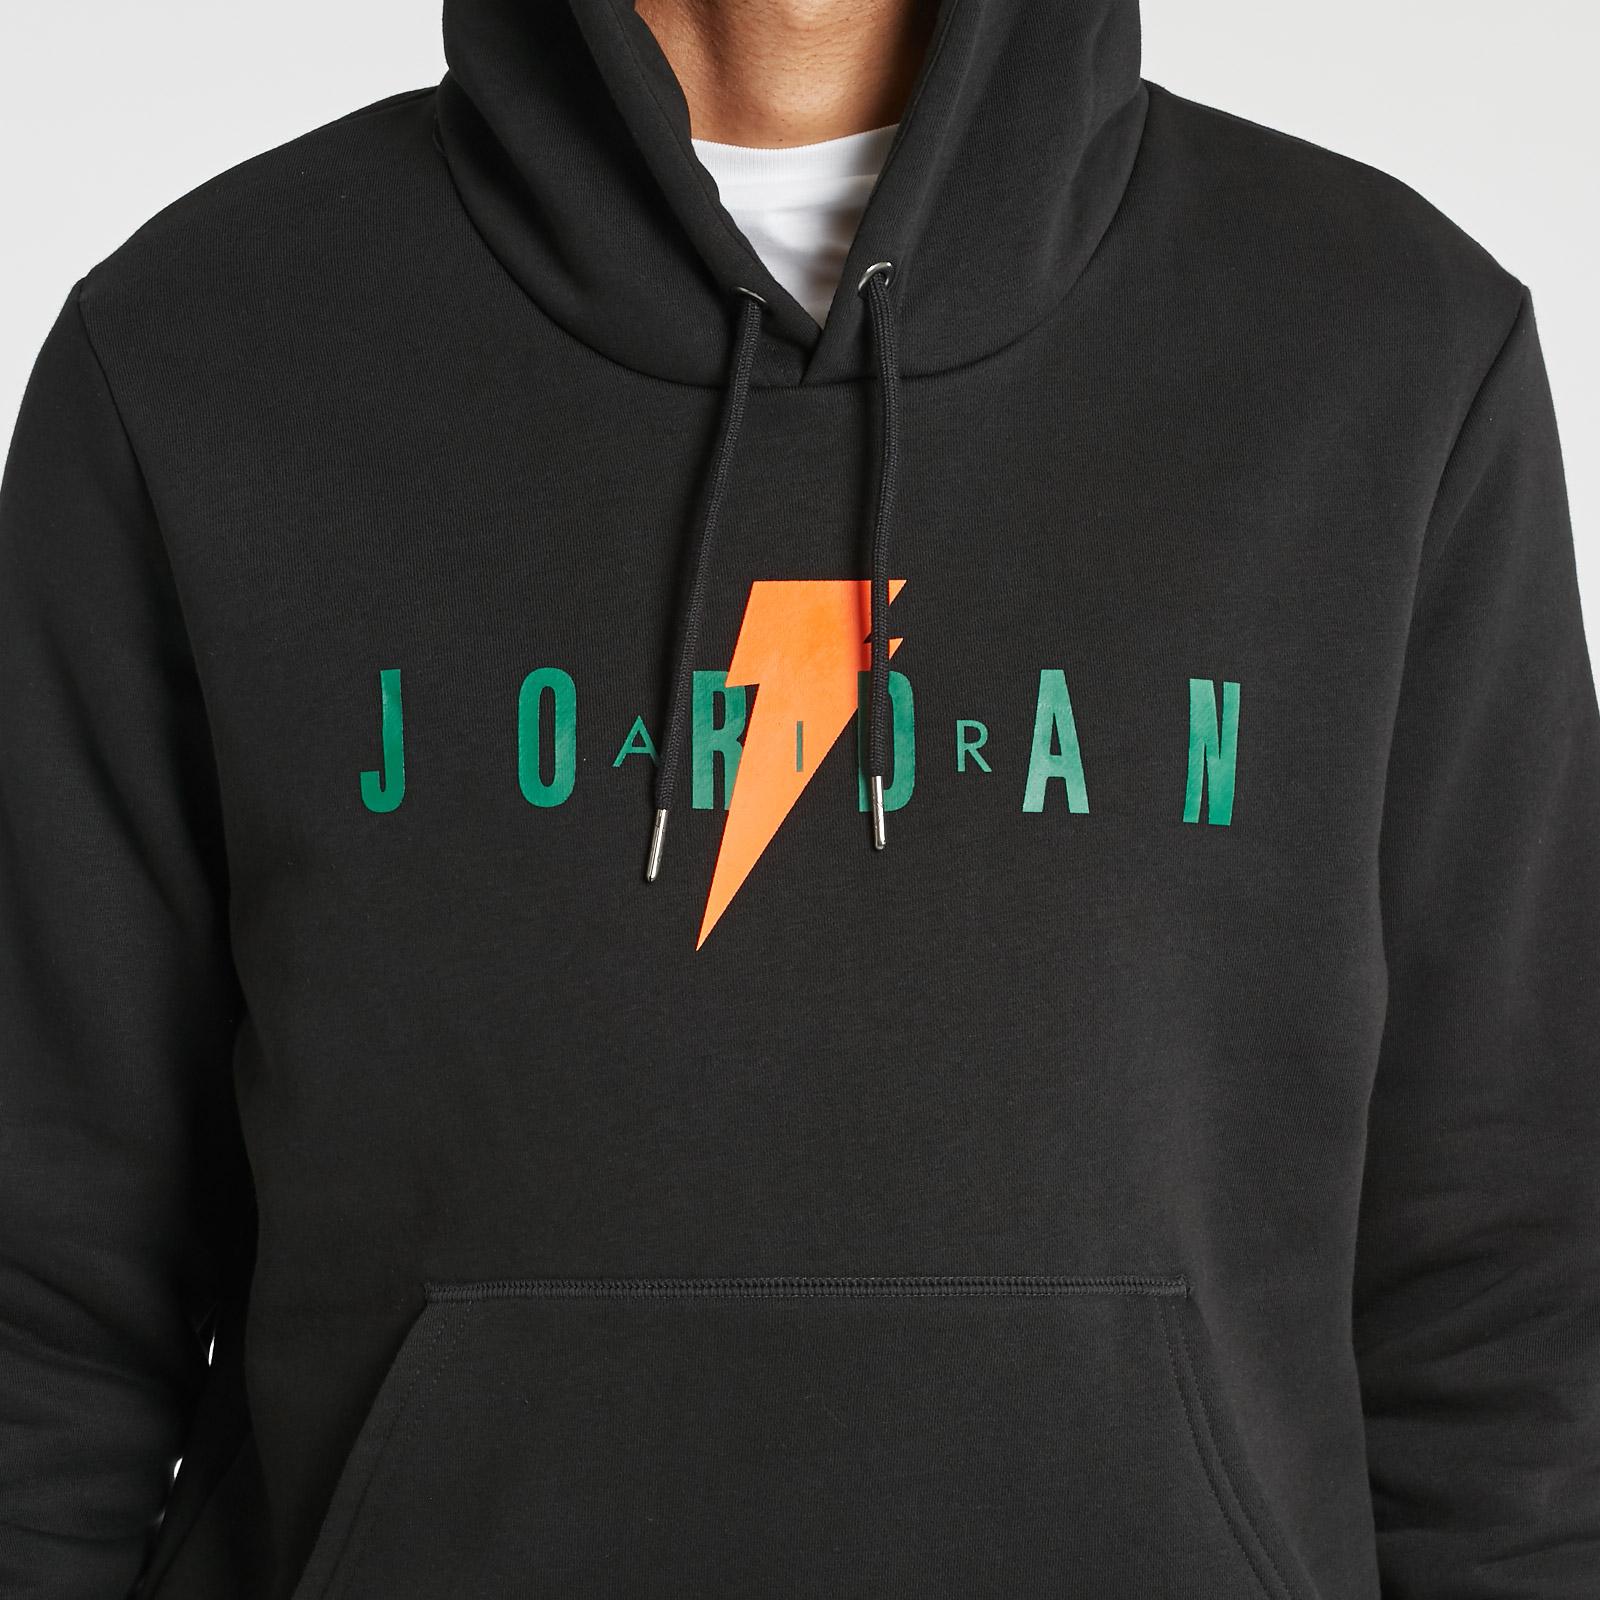 99f6c963275 Jordan Brand Like Mike Fleece Po3 - Aj1175-010 - Sneakersnstuff ...